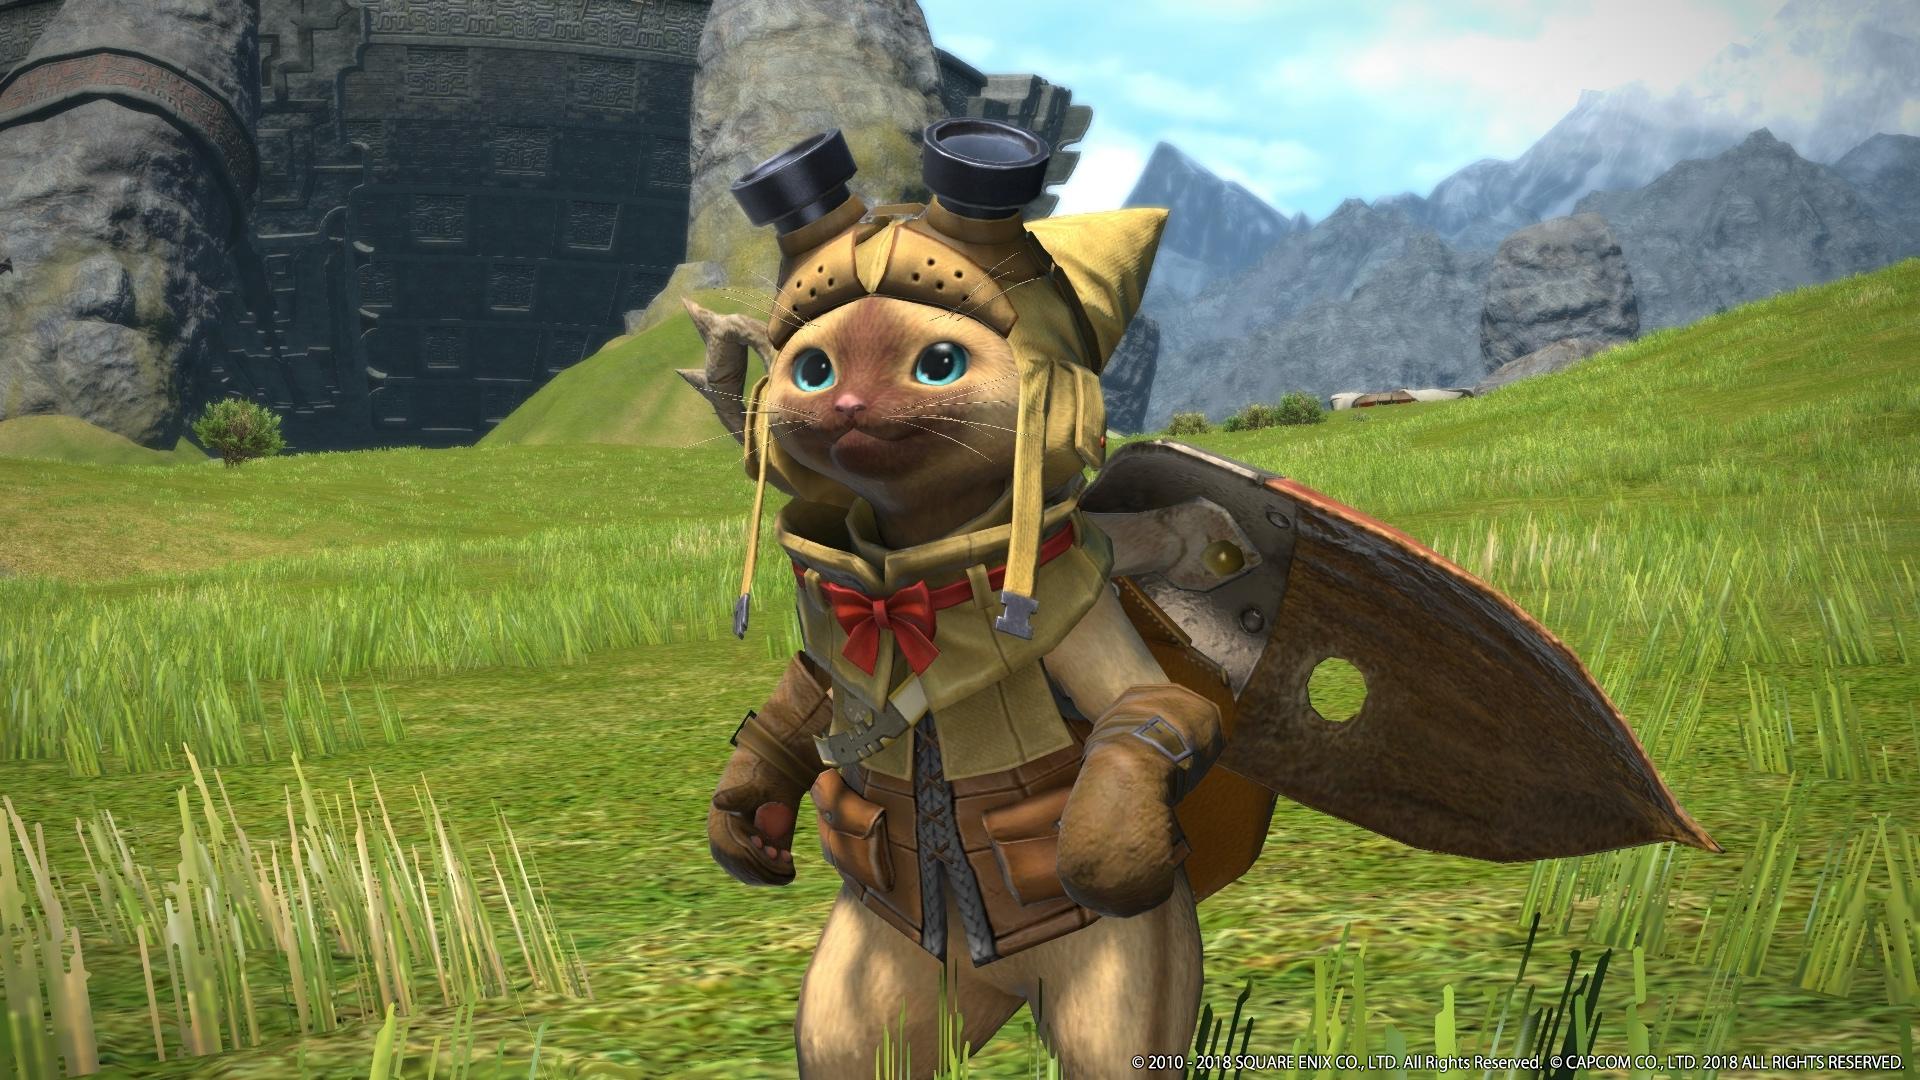 Monster Hunter: World comes to Final Fantasy 14 on Aug  7 - Polygon